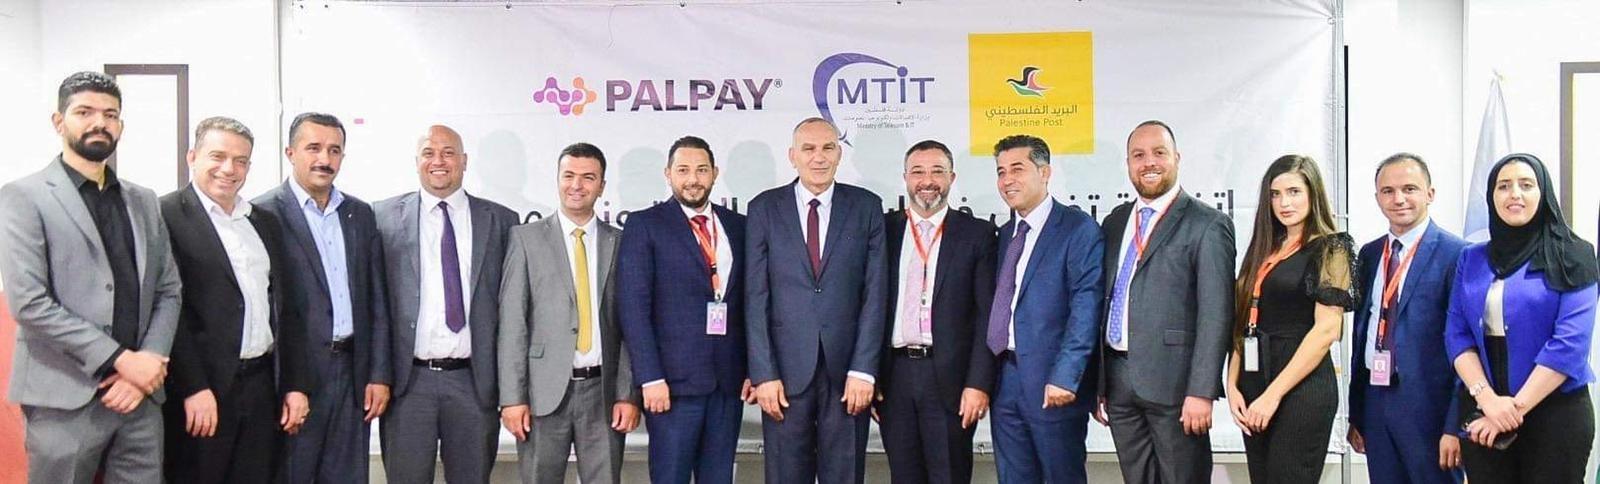 وزارة الاتصالات وشركة PalPay توقعان اتفاقية تعاون مشترك